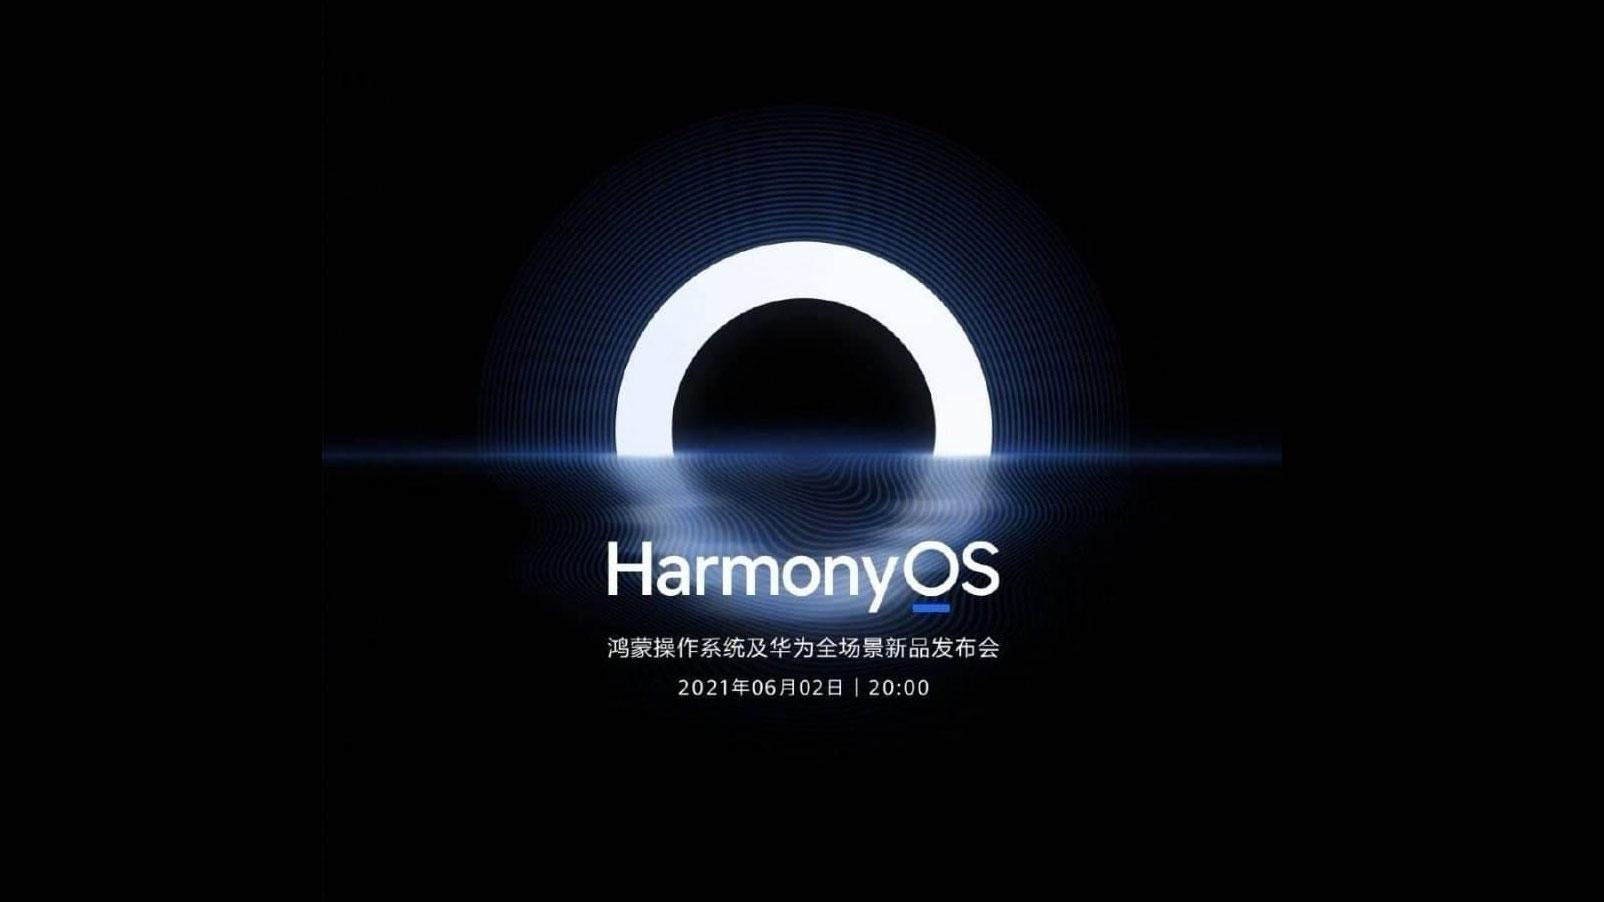 سیستم عامل اختصاصی هواوی HarmonyOS تاریخ ۱۲ خرداد ۱۴۰۰ رونمایی خواهد شد